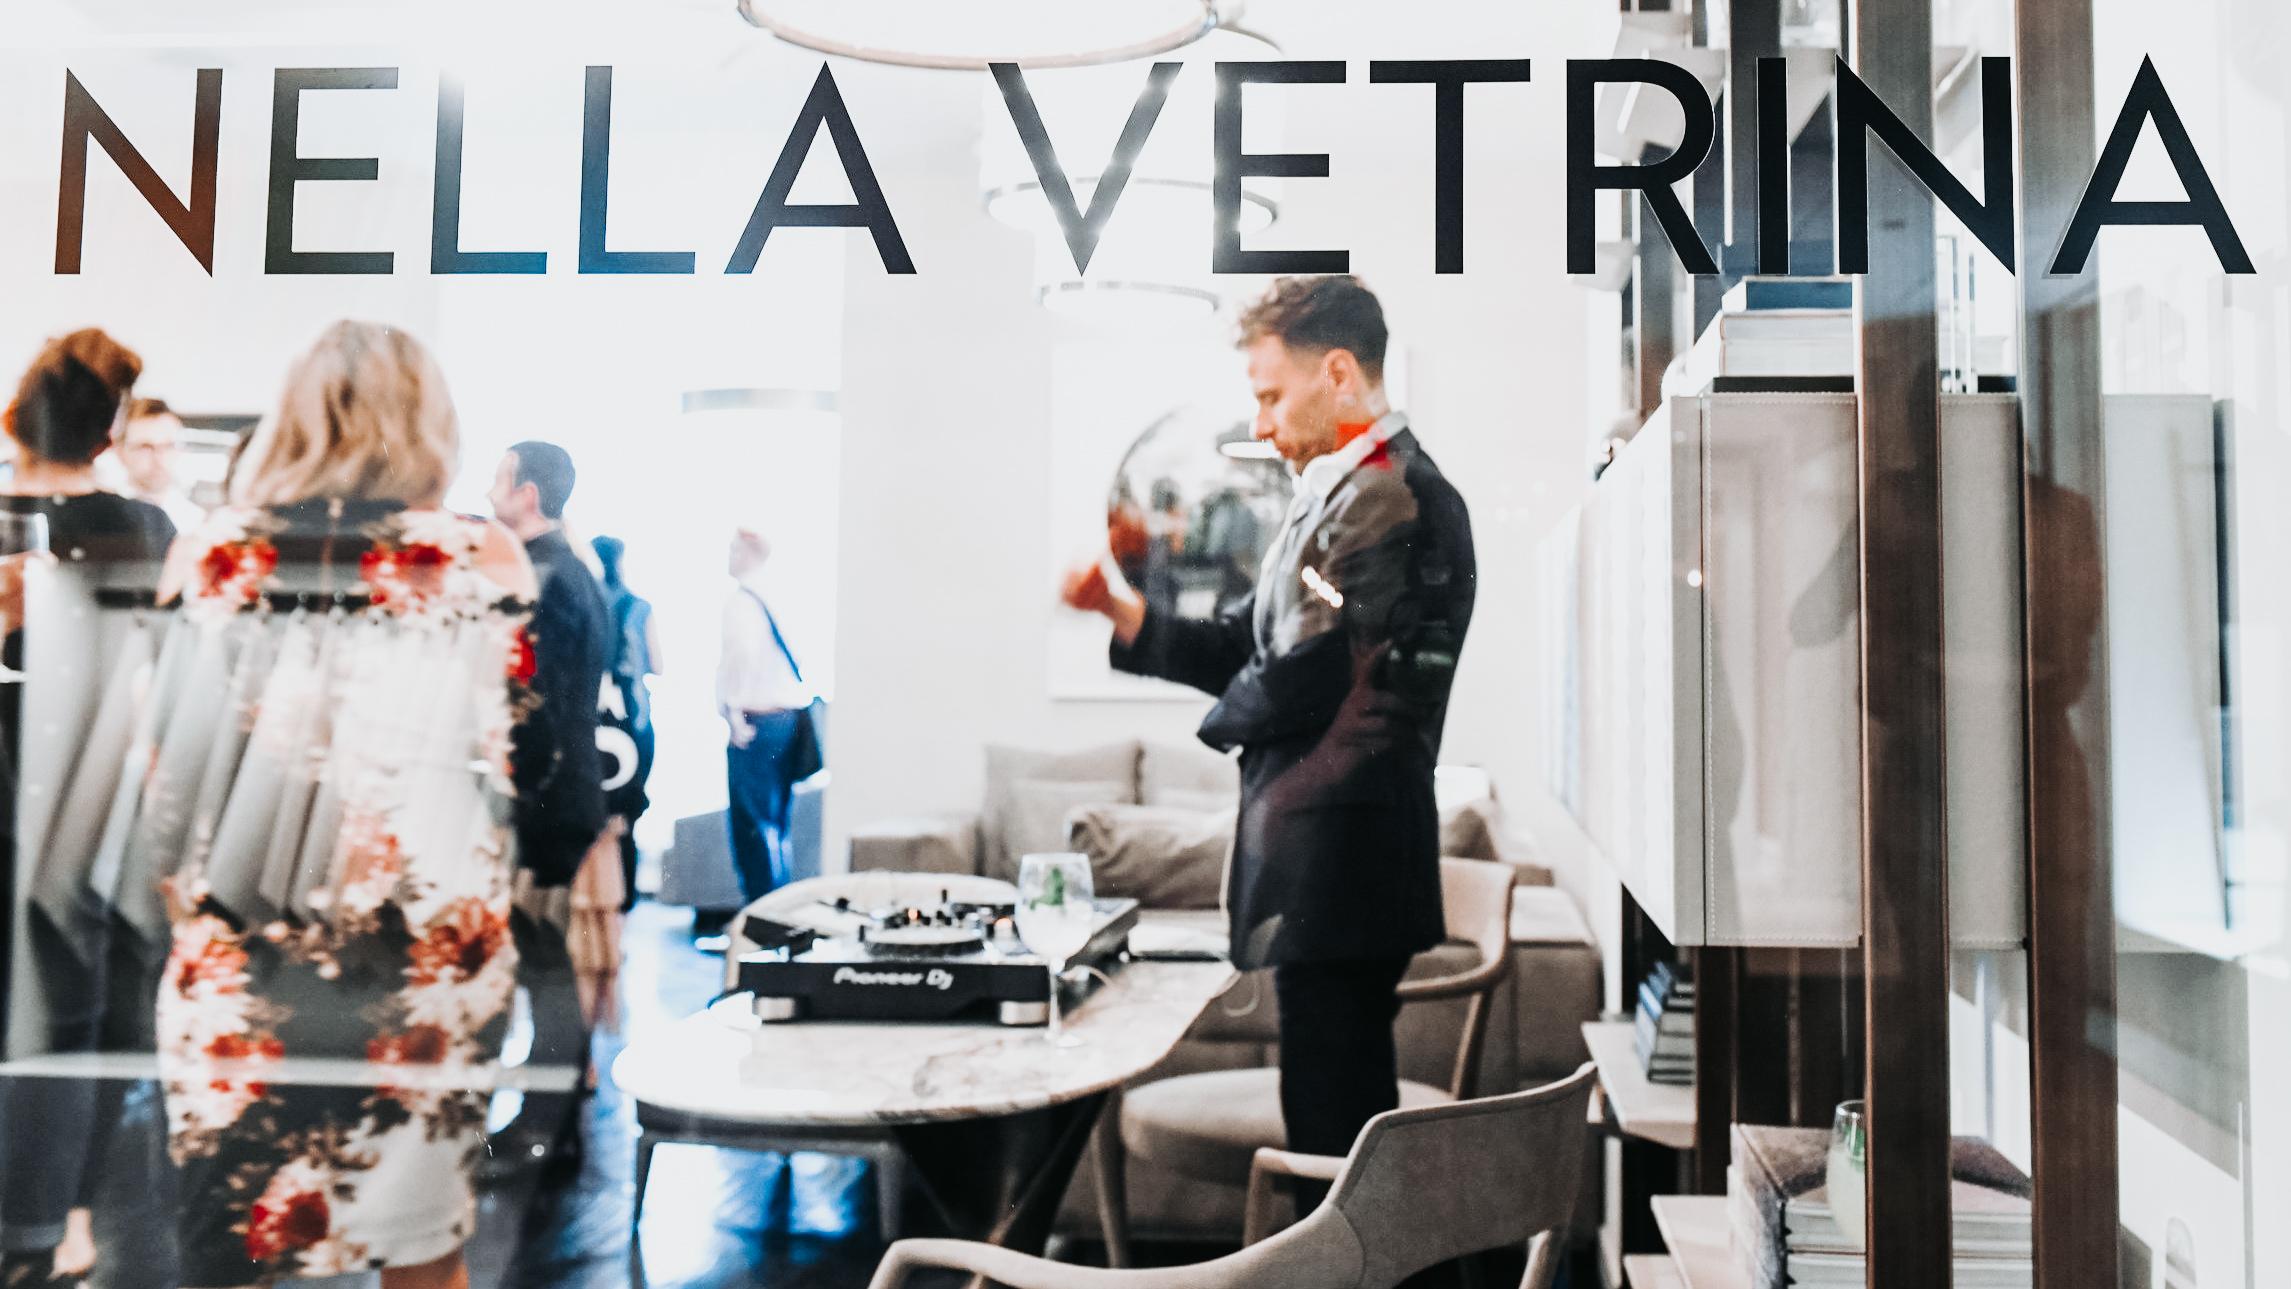 Hospitalityin Italian - nellavetrina.com